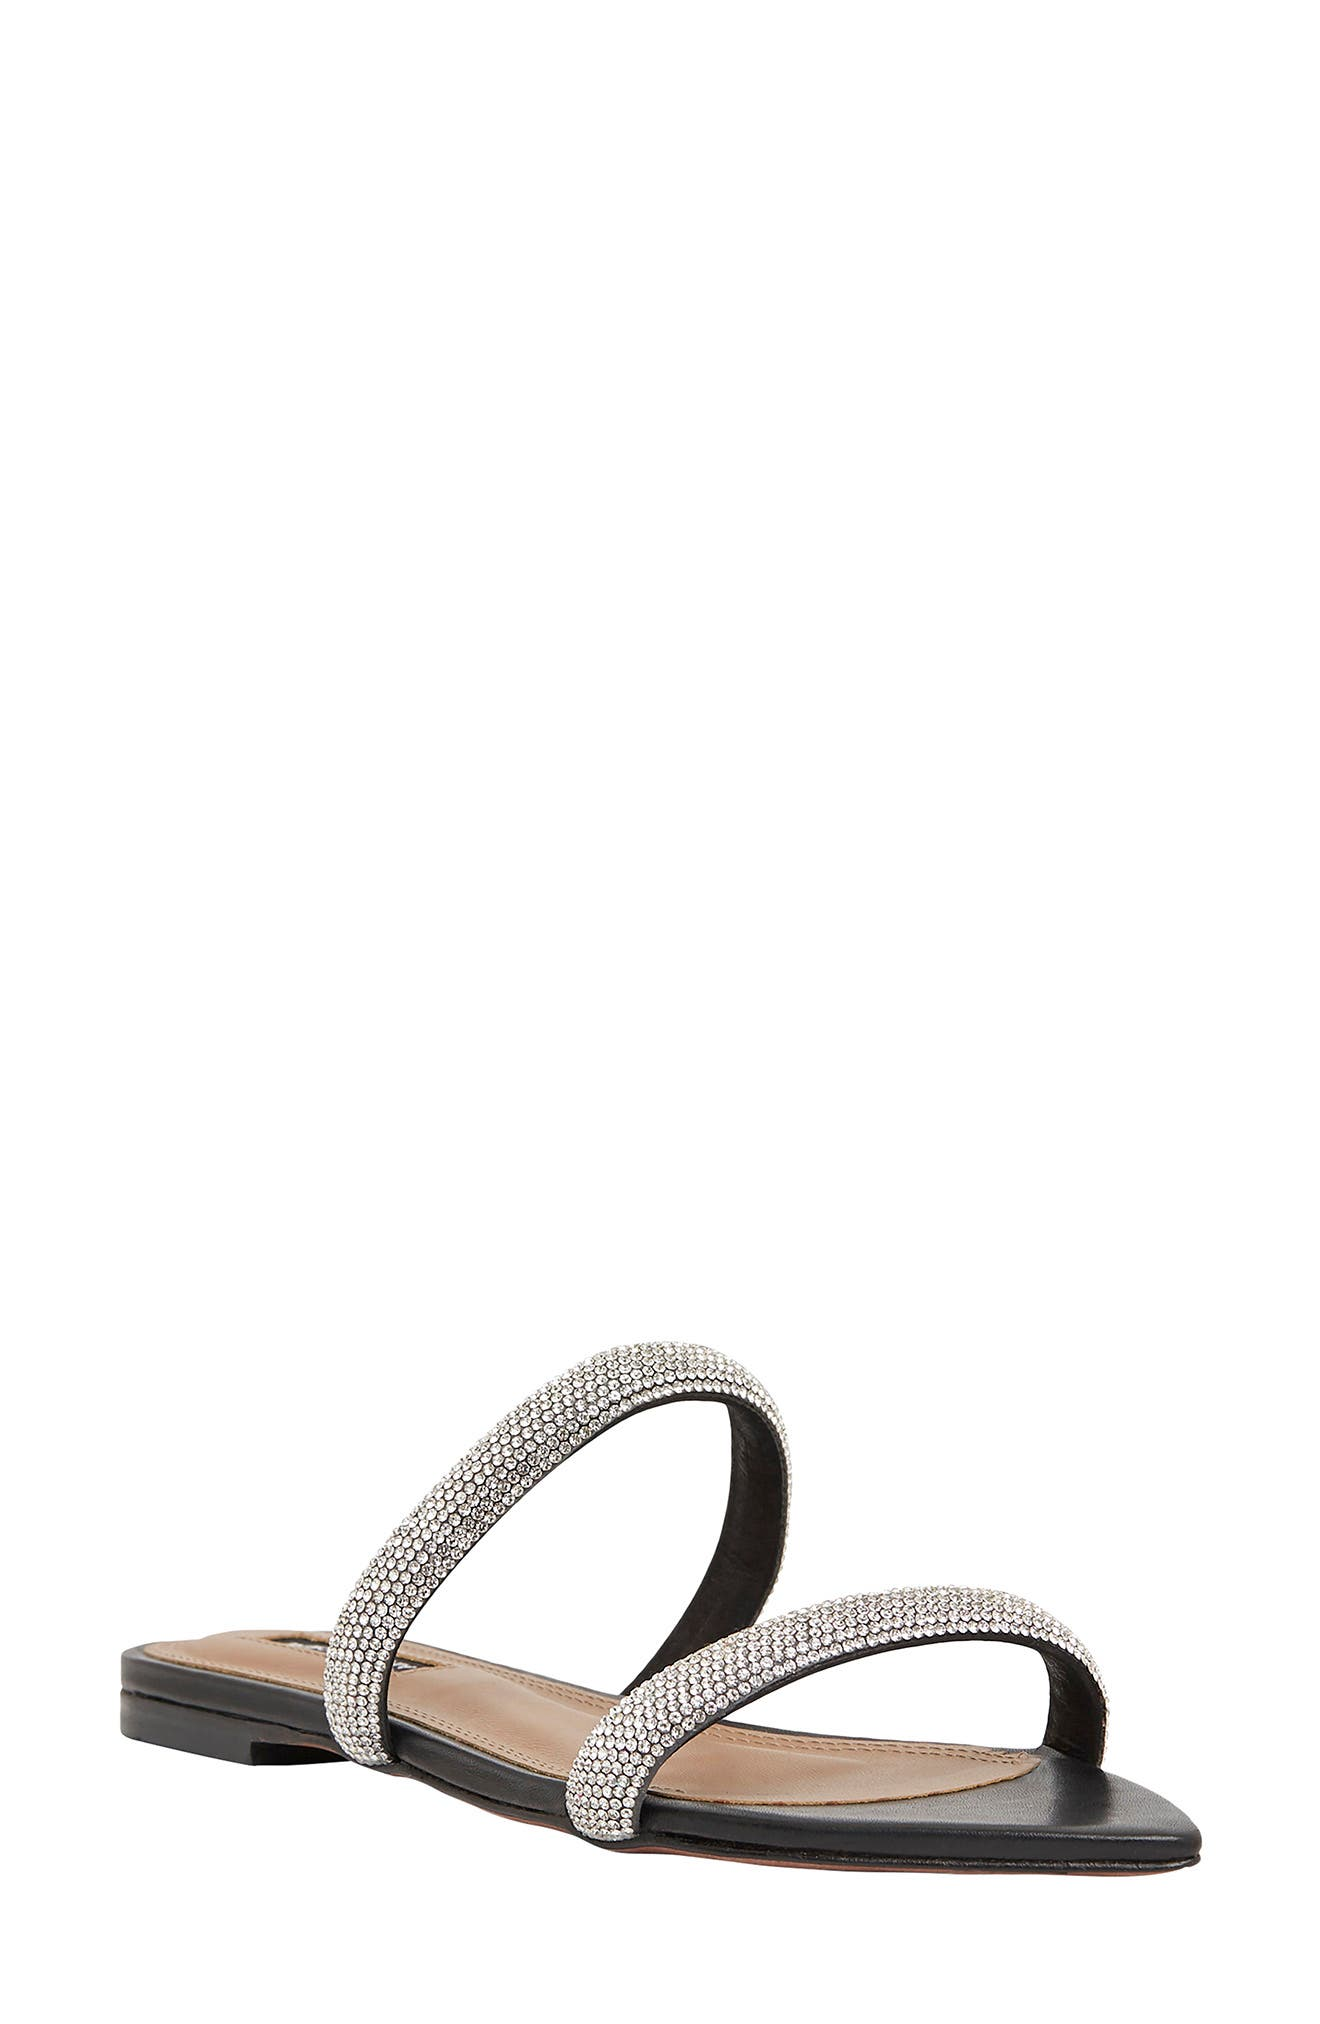 April Embellished Slide Sandal